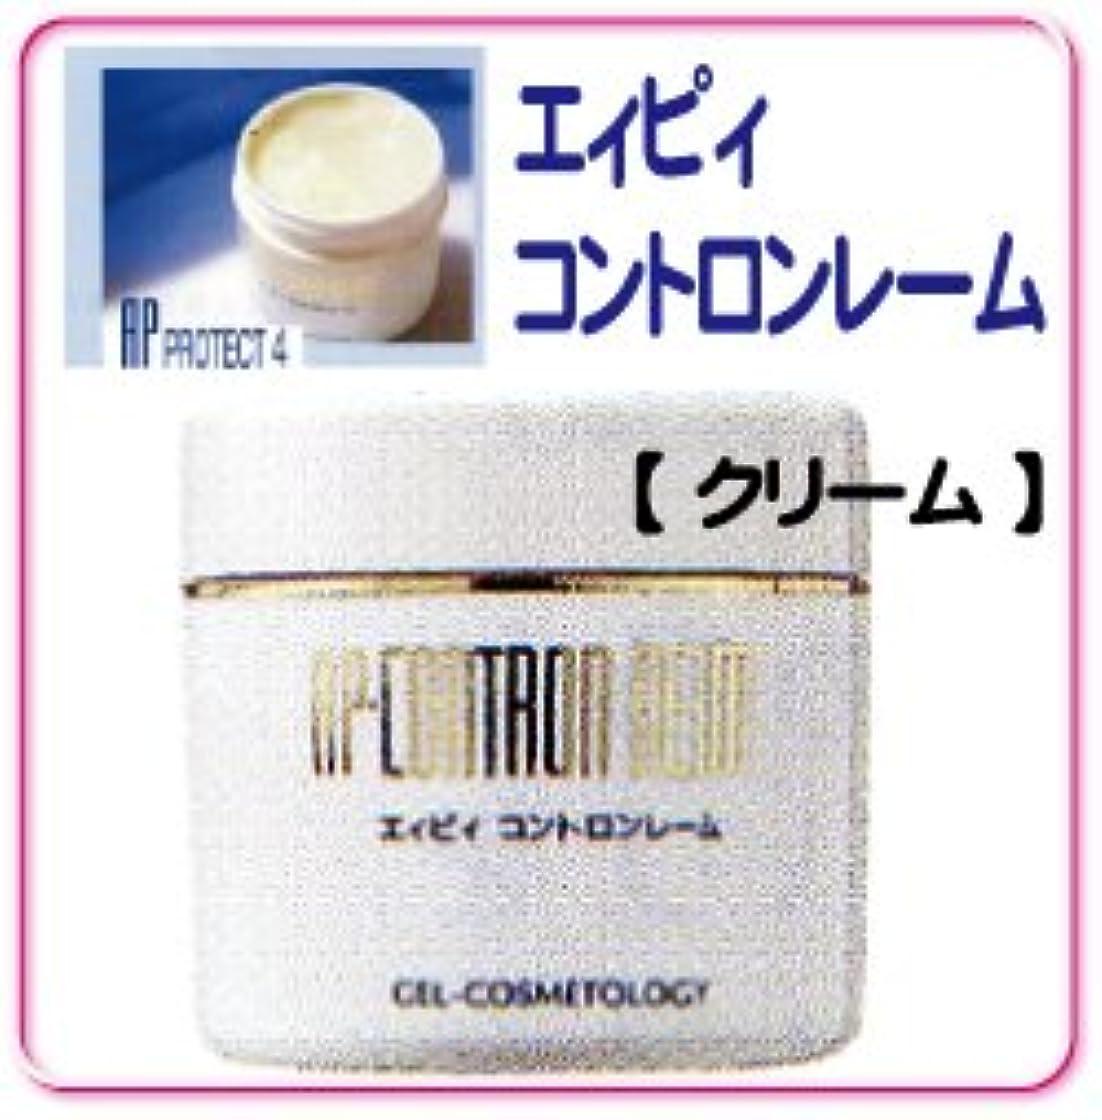 周波数指定する整理するベルマン化粧品 APprotectシリーズ  コントロンレーム  敏感肌用クリーム 110g